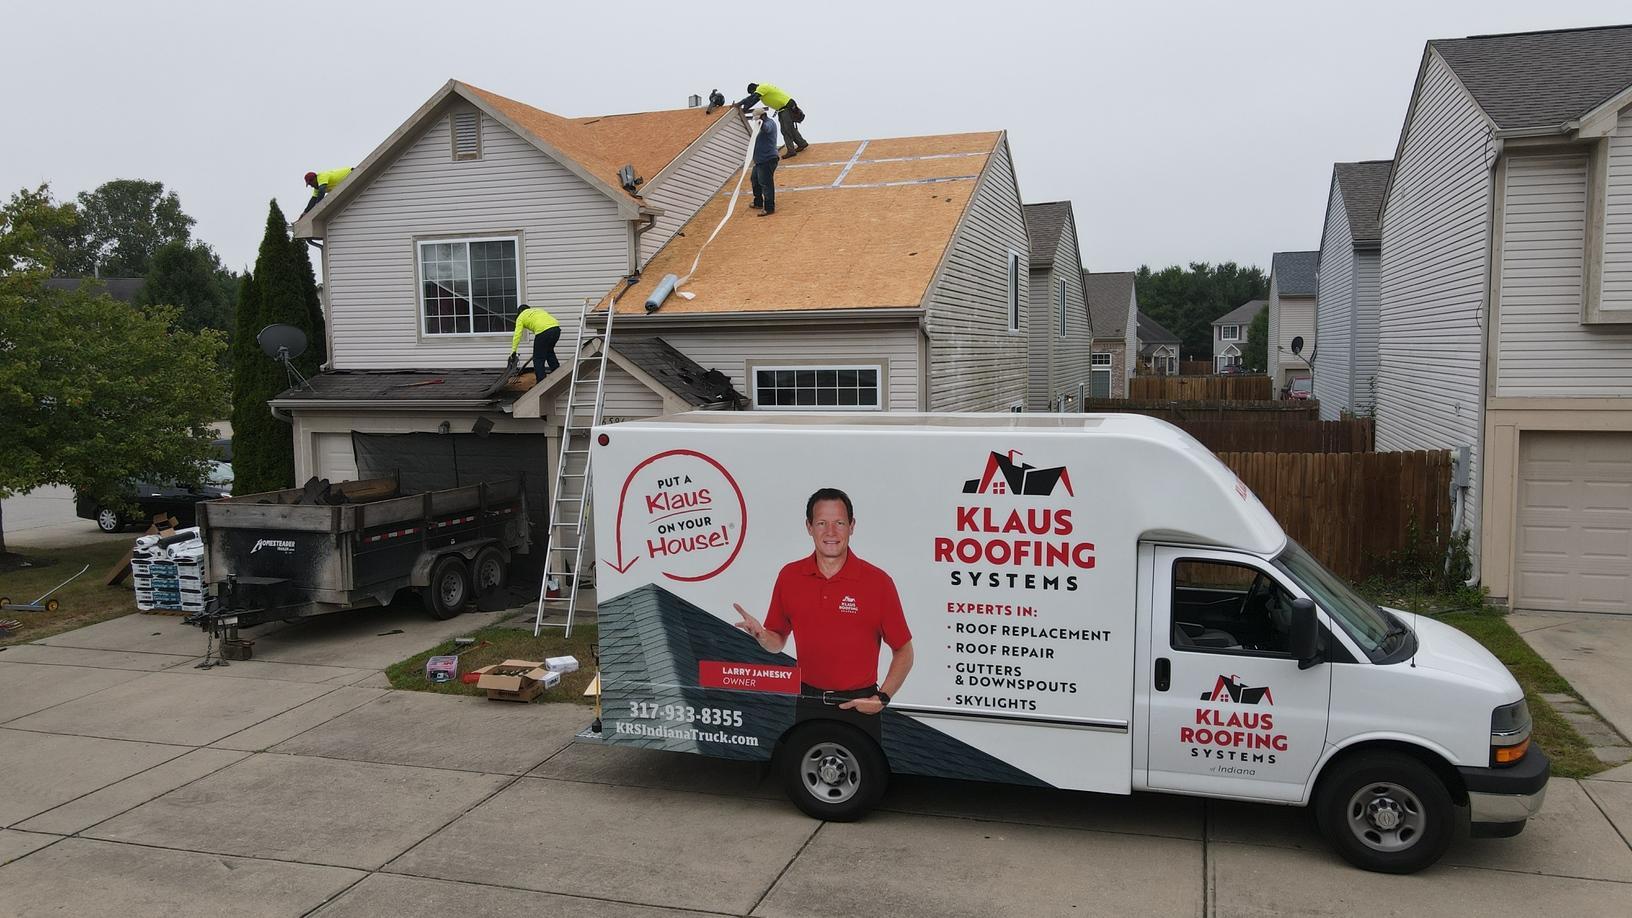 Klaus Roofing Crew Working